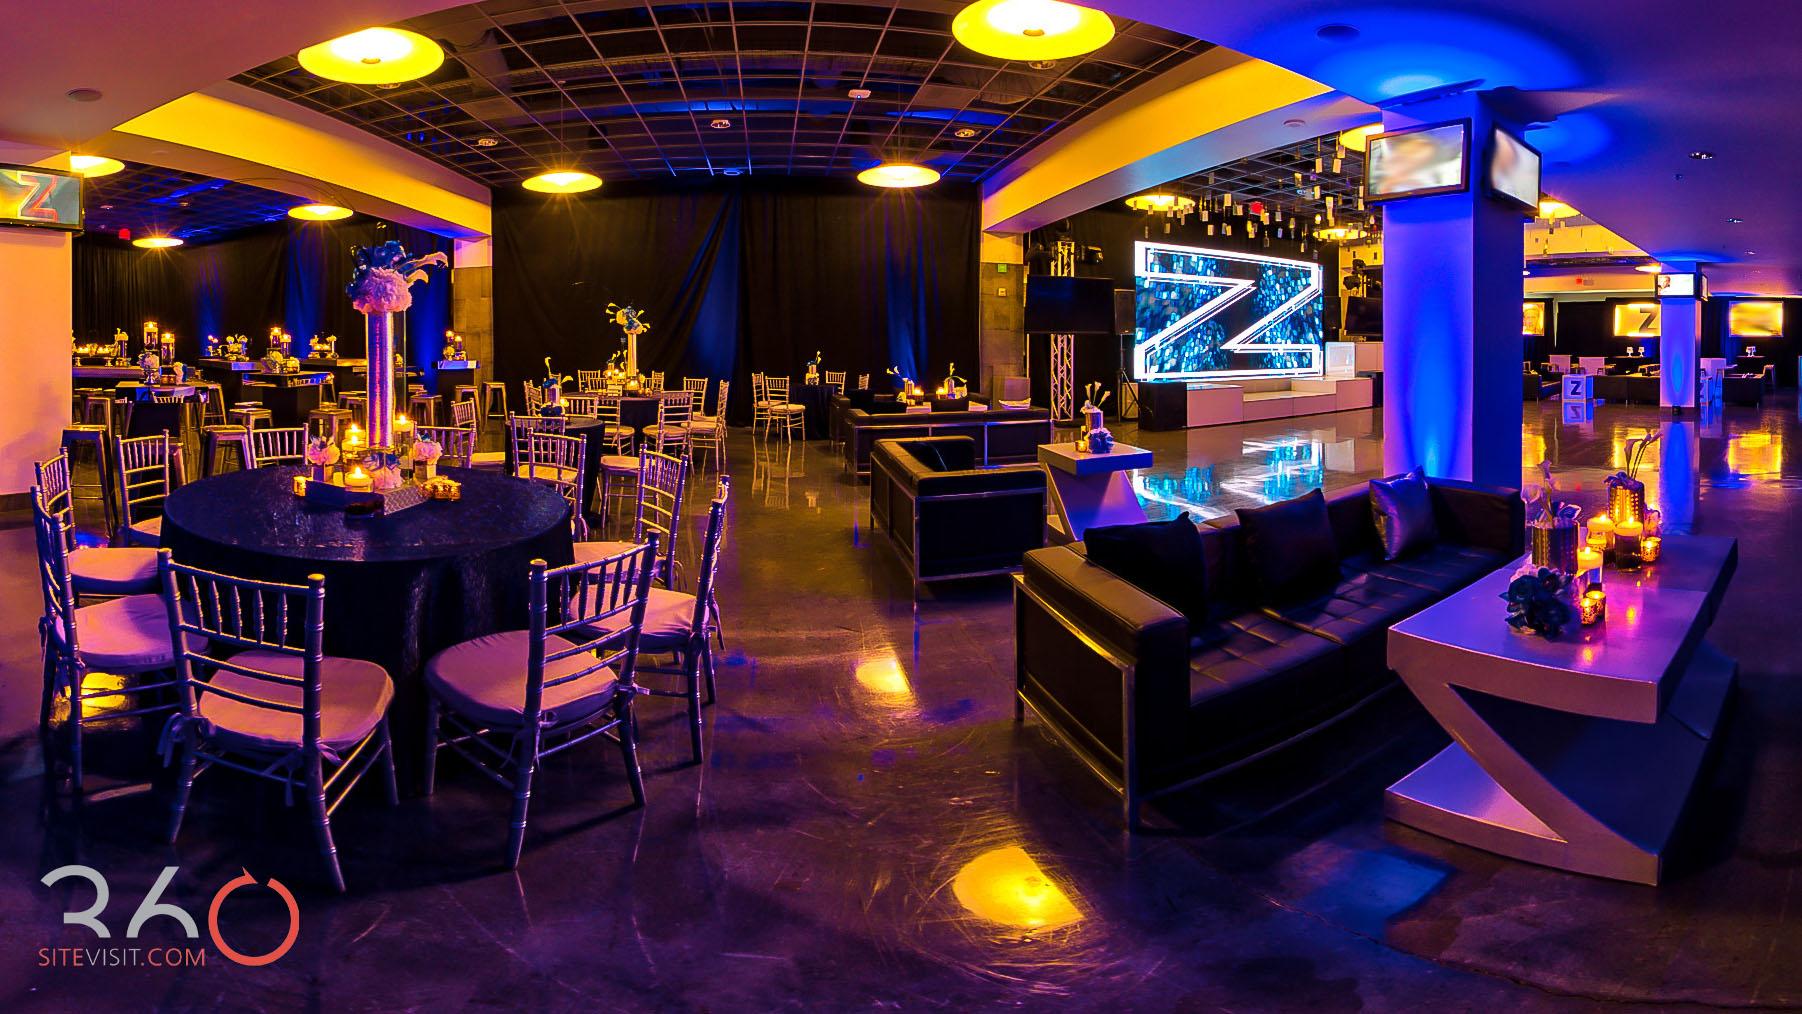 68-Meadowlands Entertainment NJ Event venue virtual tour by 360sitevisit